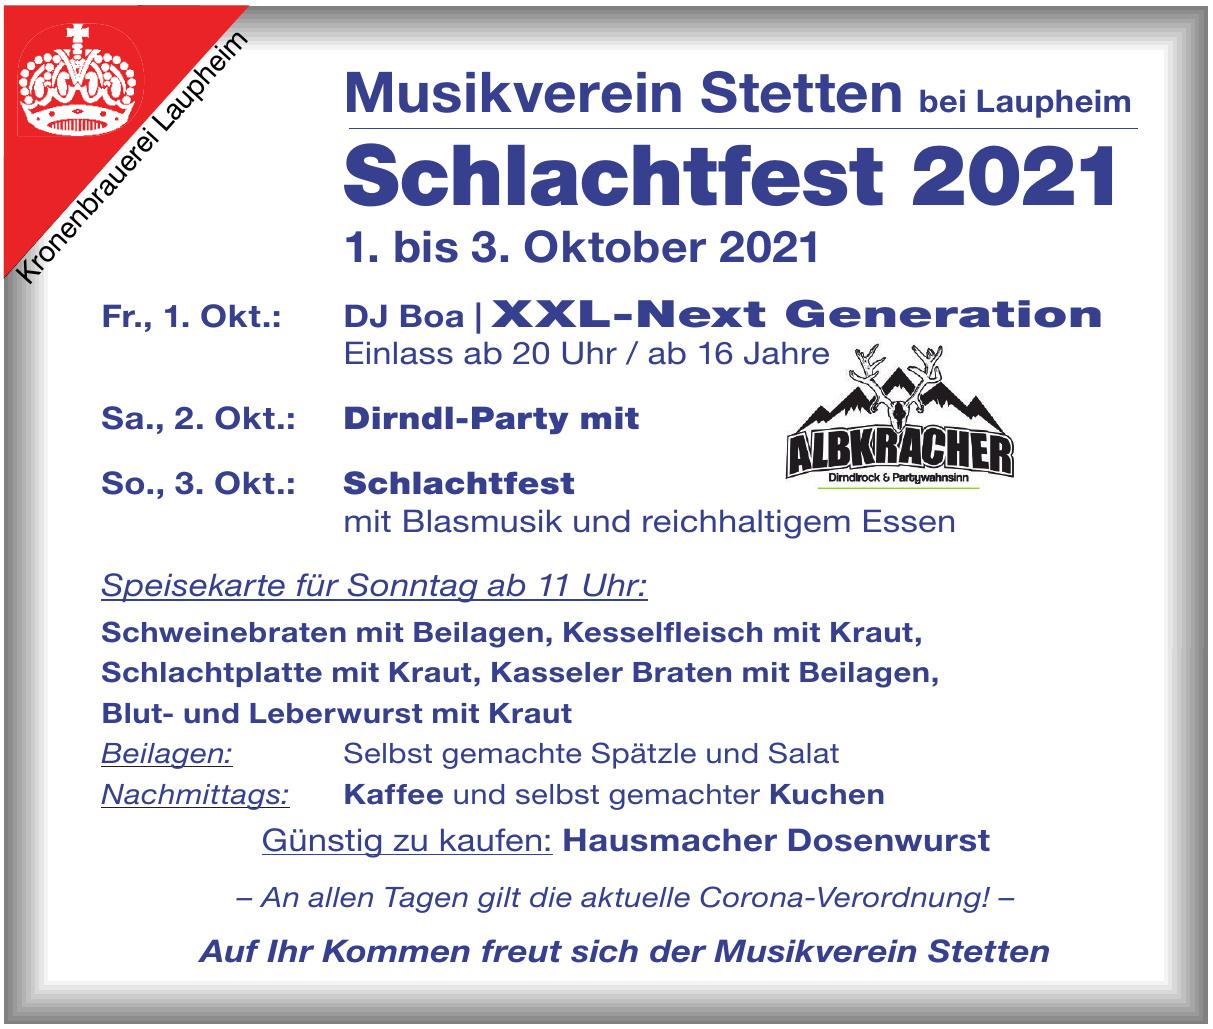 Musikverein Stetten bei Laupheim